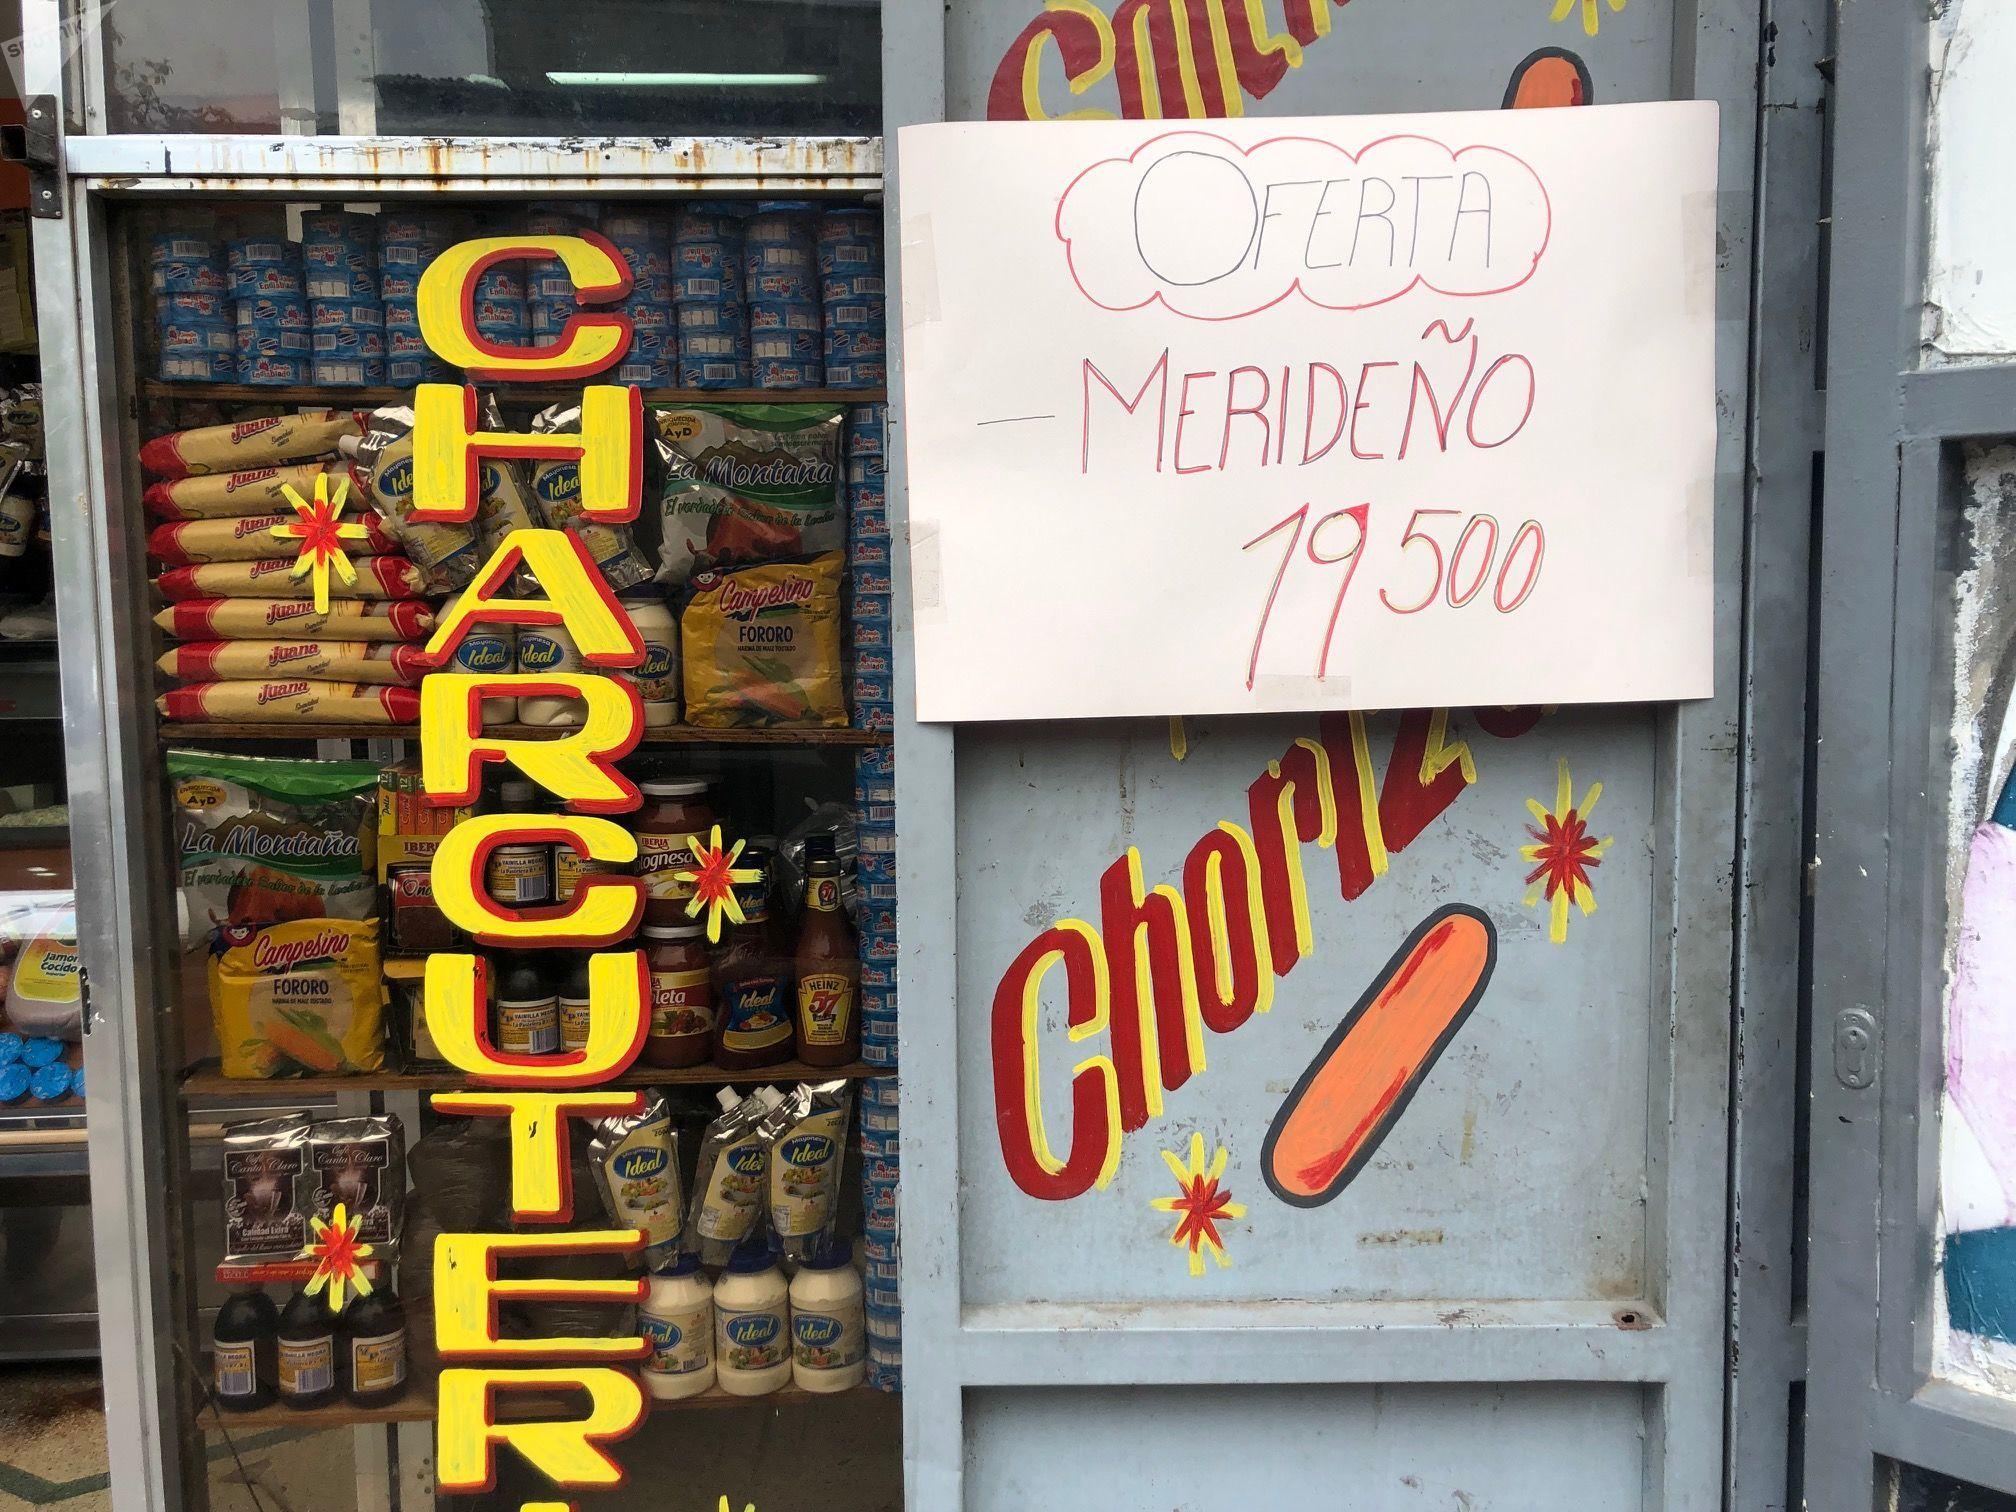 Además del empeoramiento de la hiperinflación por el bloqueo de los canales para hacerse con divisas, Venezuela no tiene acceso a fuentes de financiamiento: su riesgo país supera los 5.000 puntos